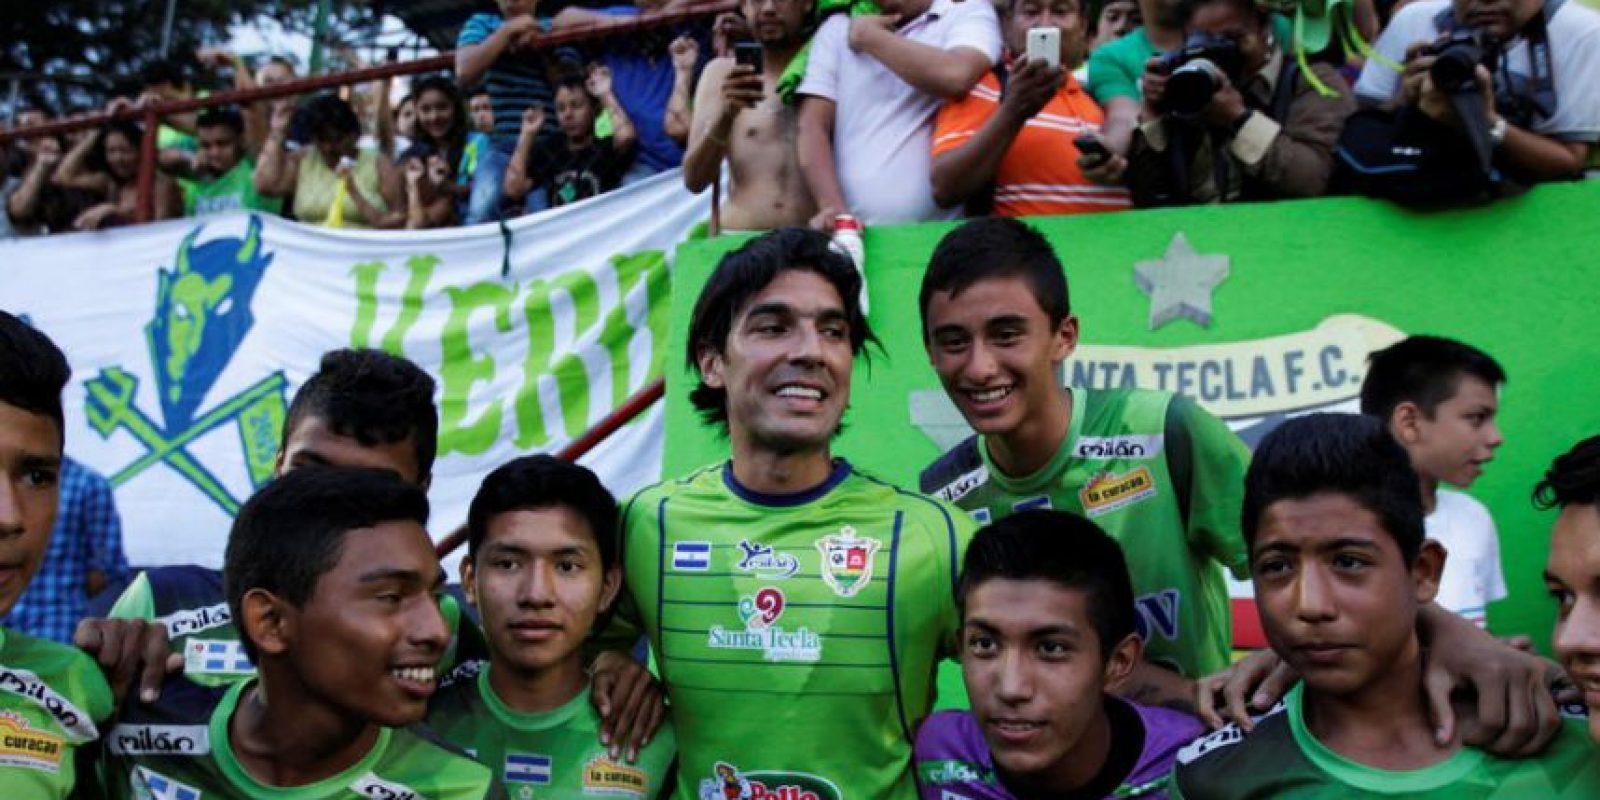 Foto:hoylosangeles.com